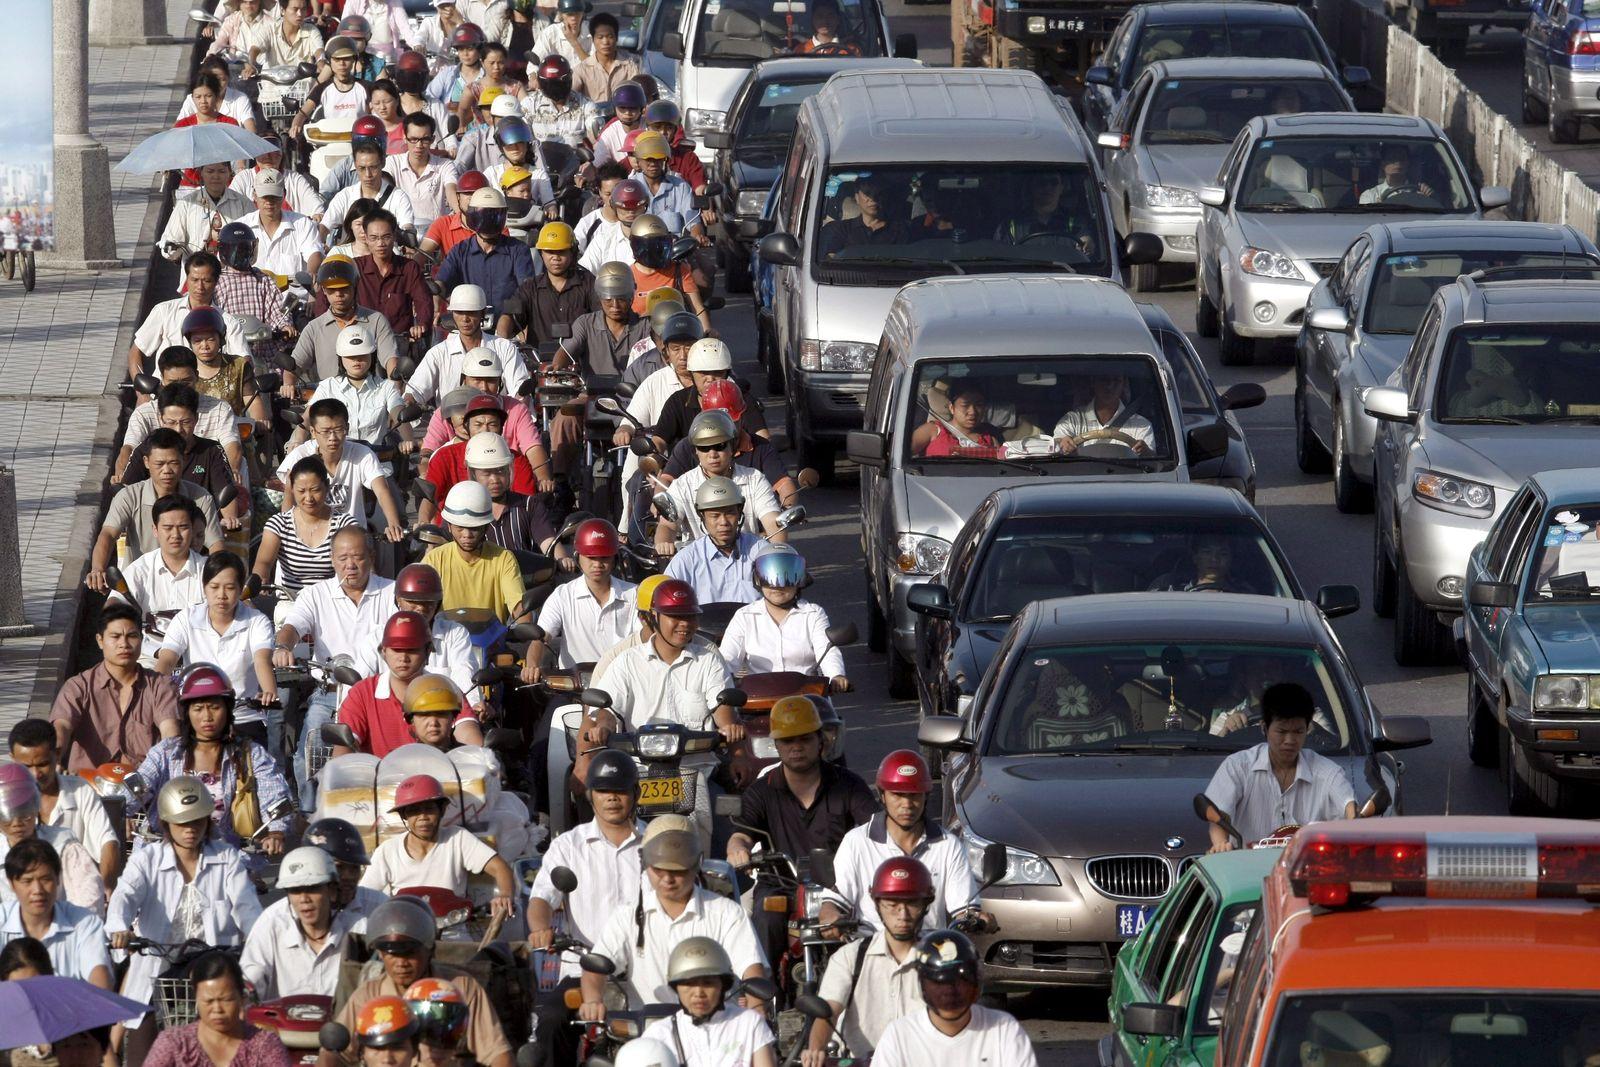 Rushhour in China - Pendler verursachen enorme CO2-Emissionen